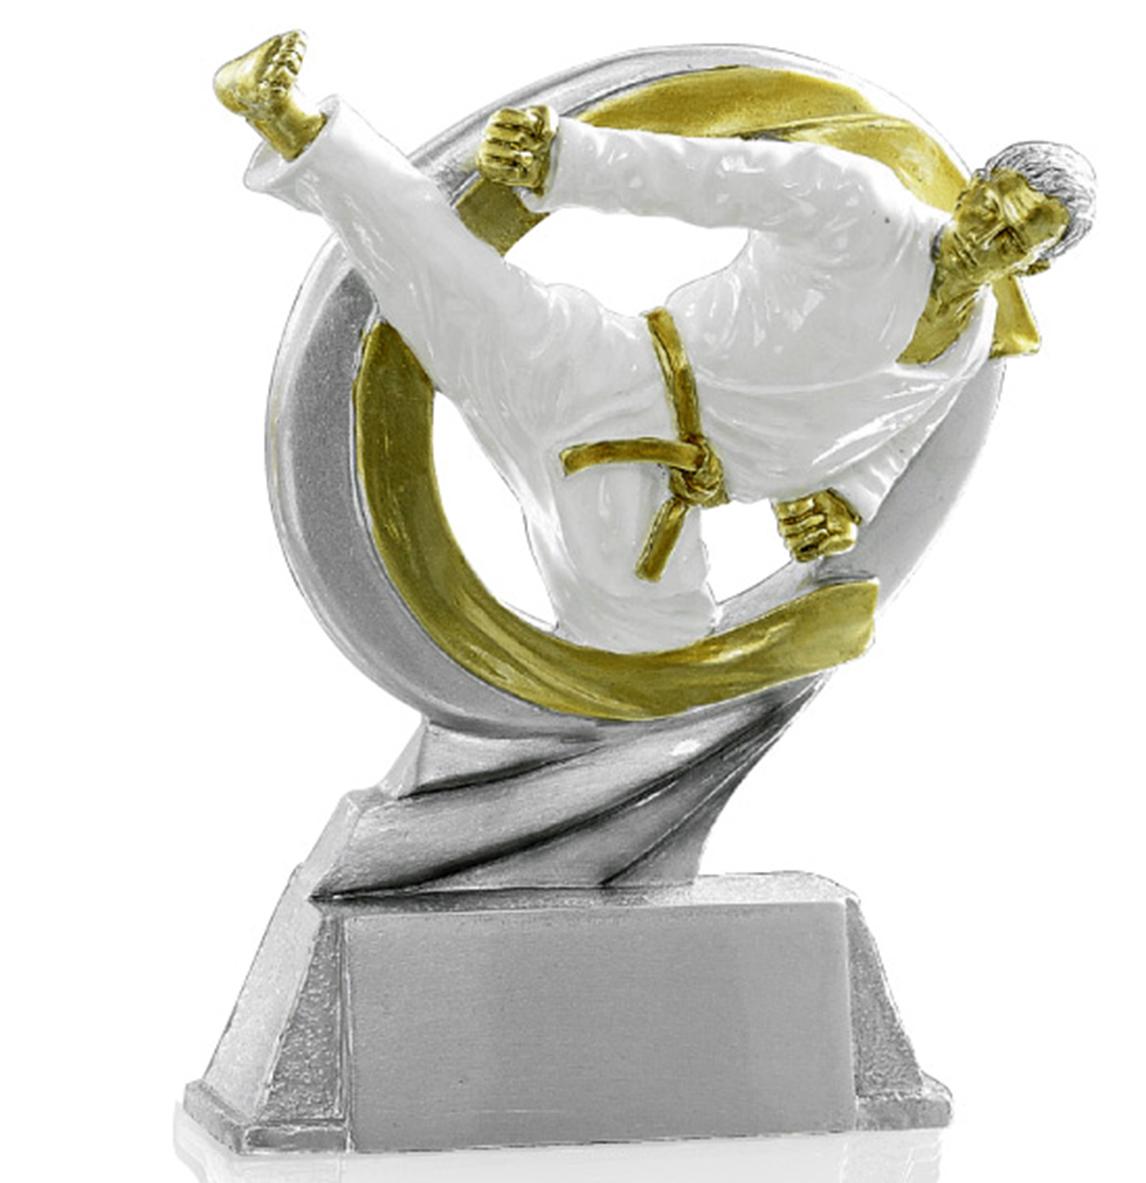 Pokale Kampfsport Figur: 9-106-71413 in 17 cm